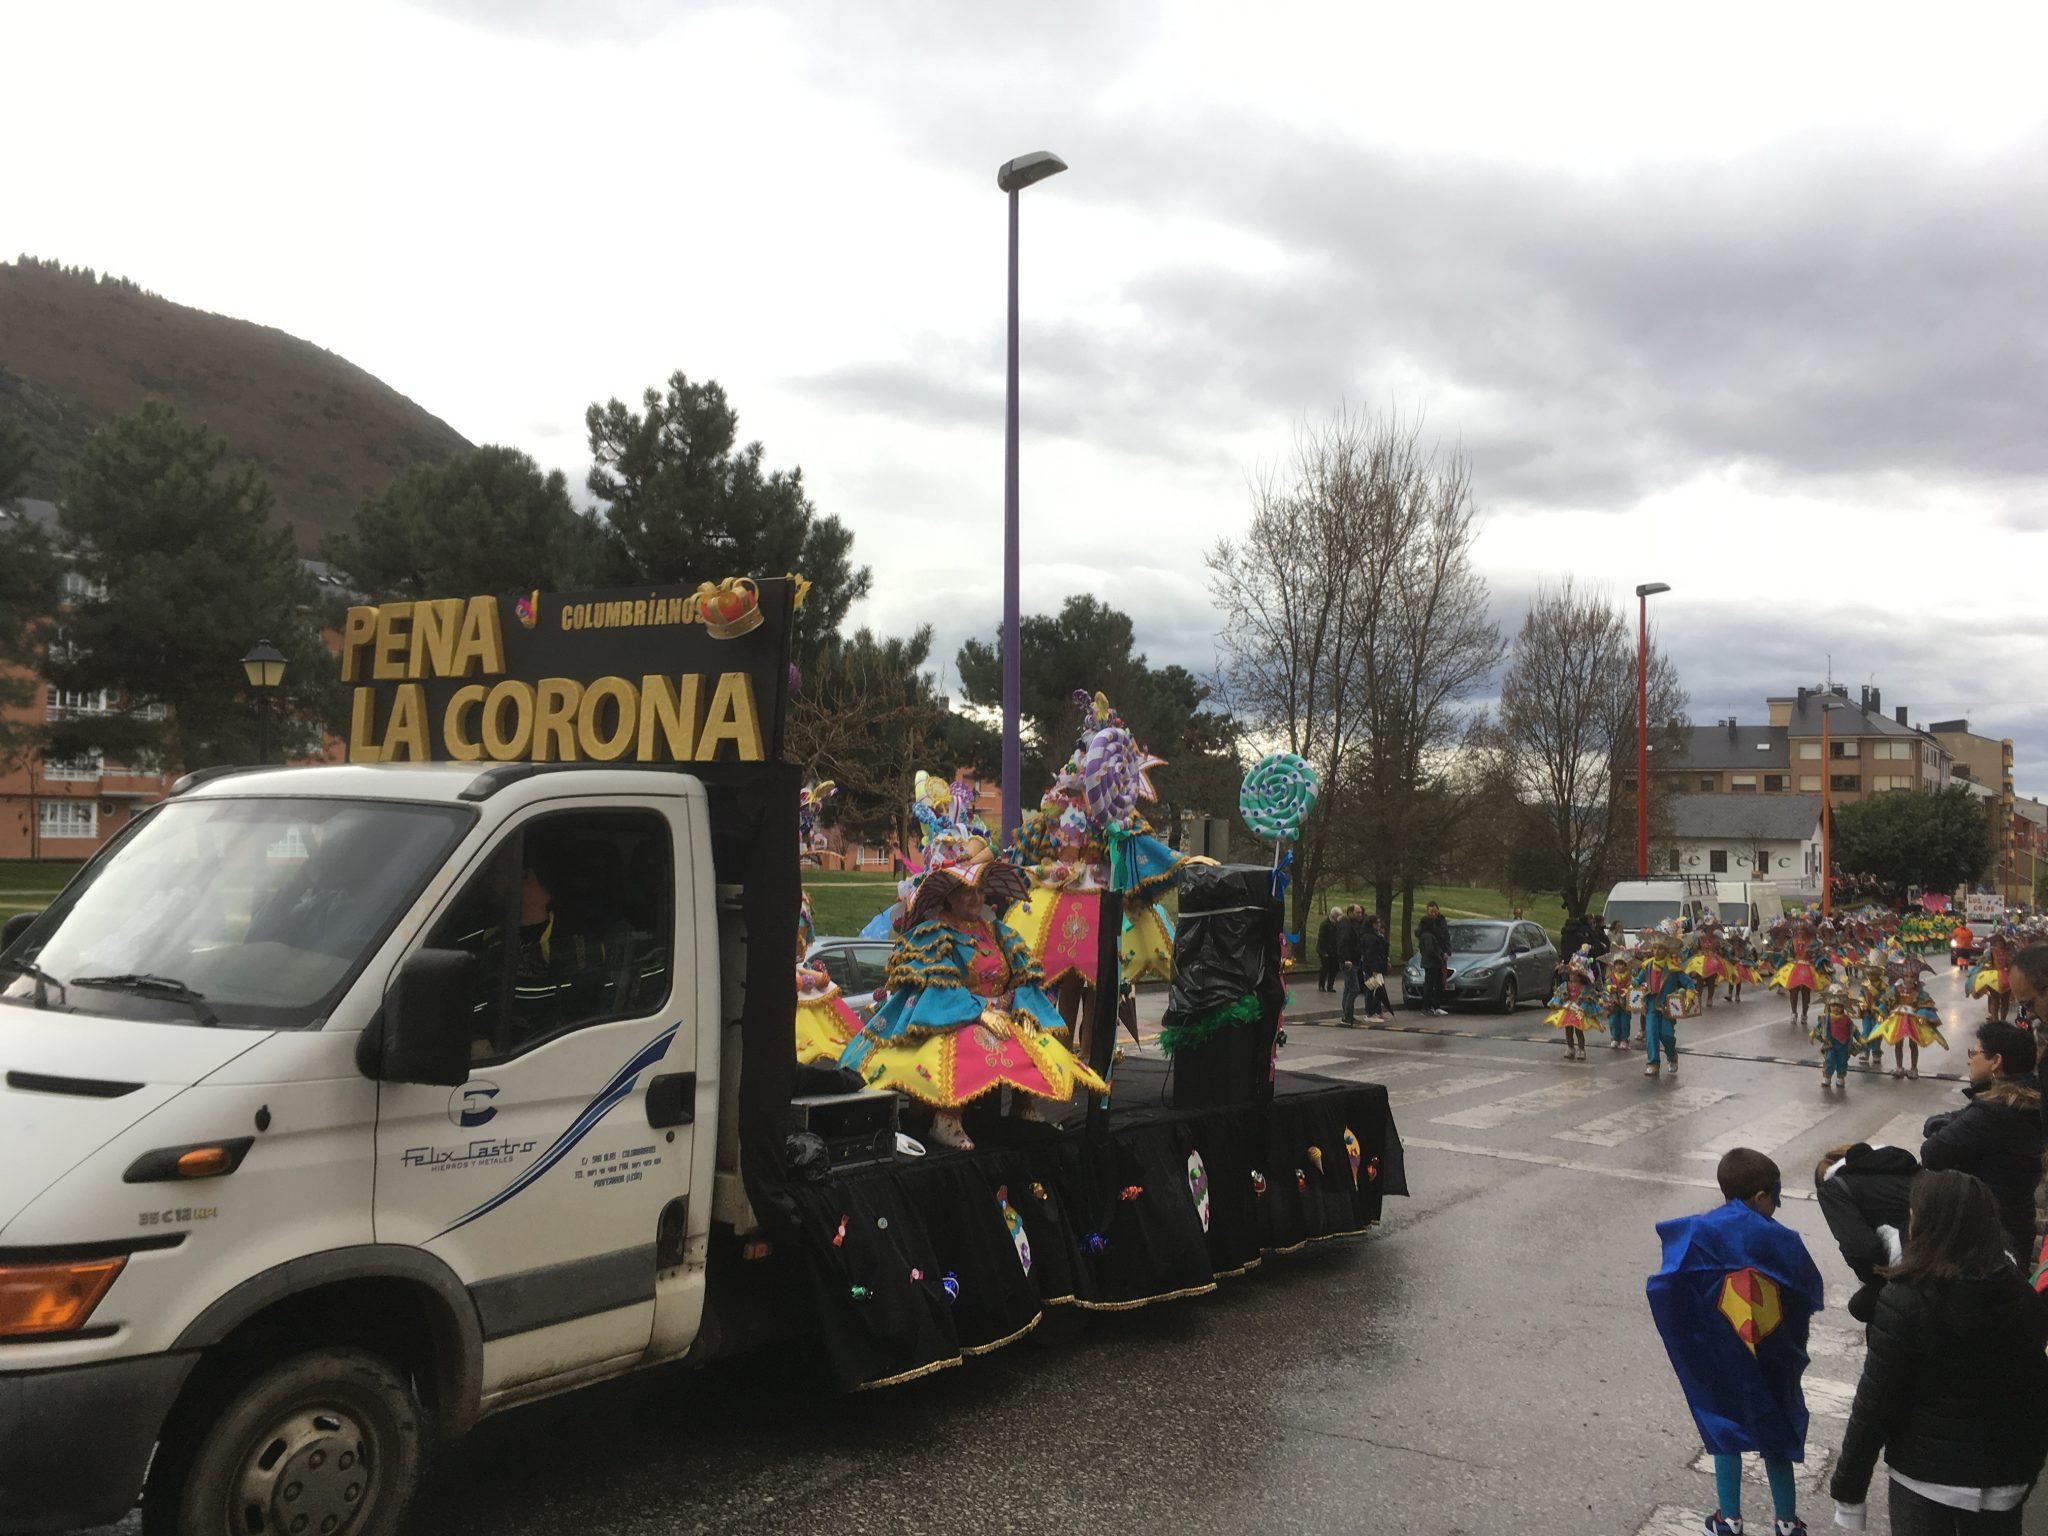 Álbum de fotos del martes de Carnaval 2019 en Ponferrada 61